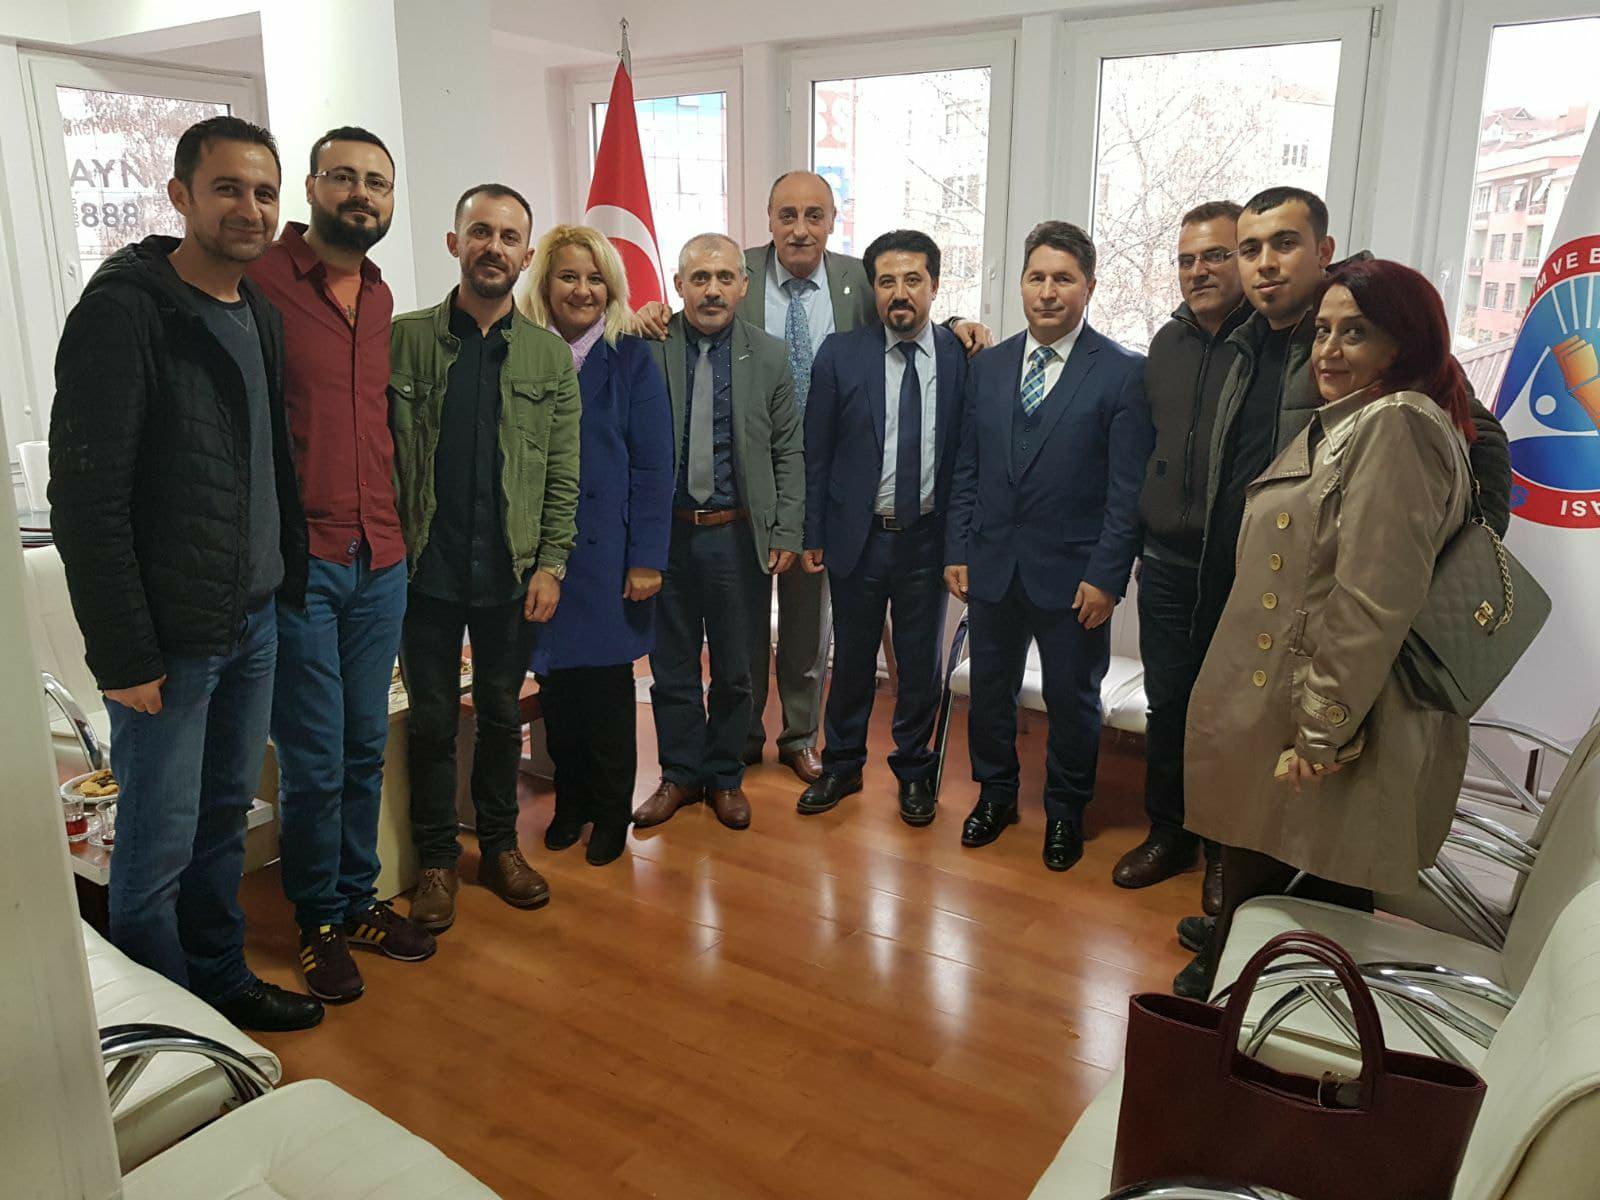 CHP 'den Eğitim İş ziyareti